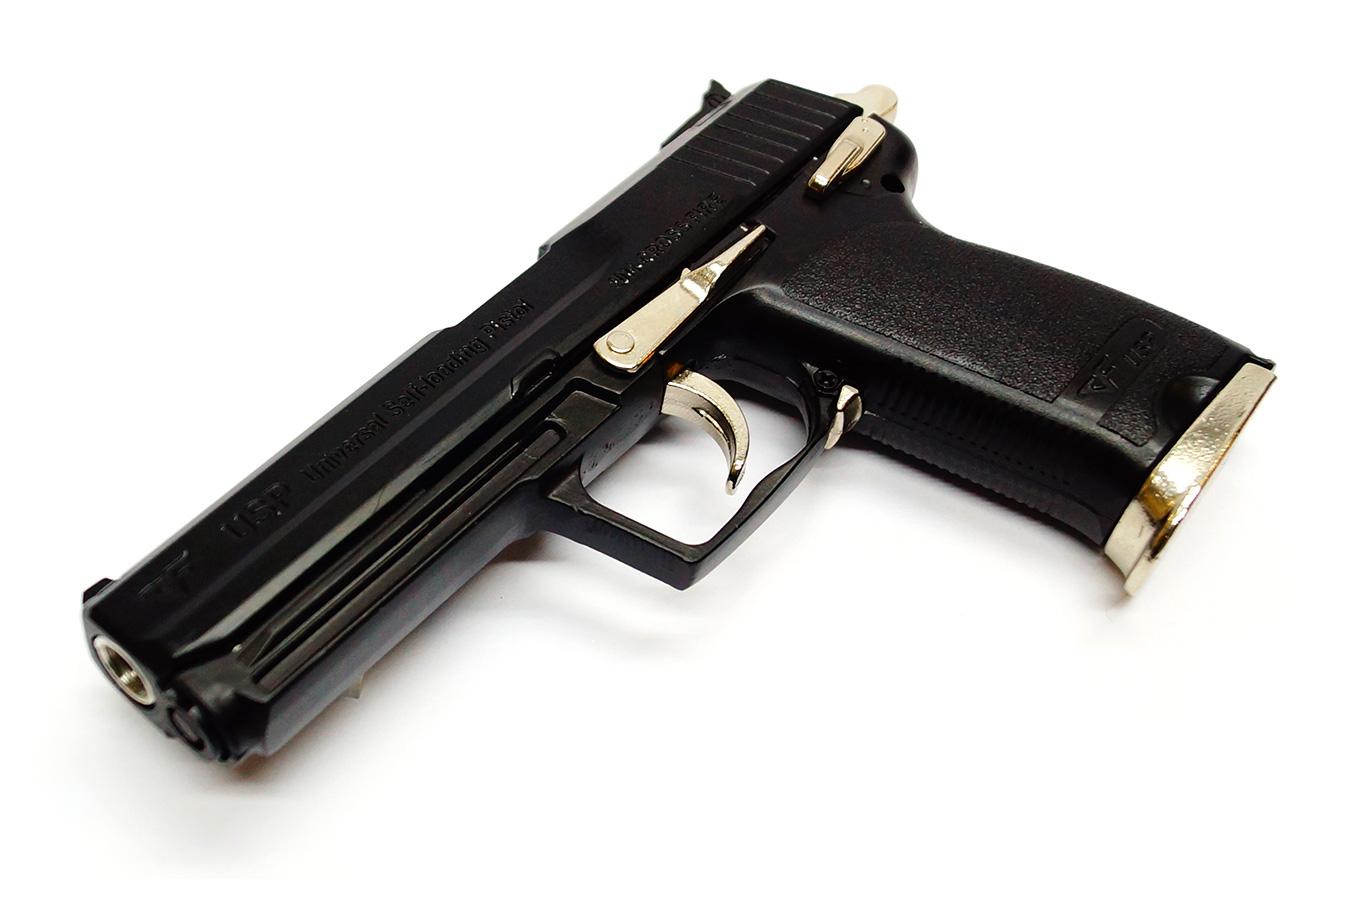 HK USP Tactical ����������� 5